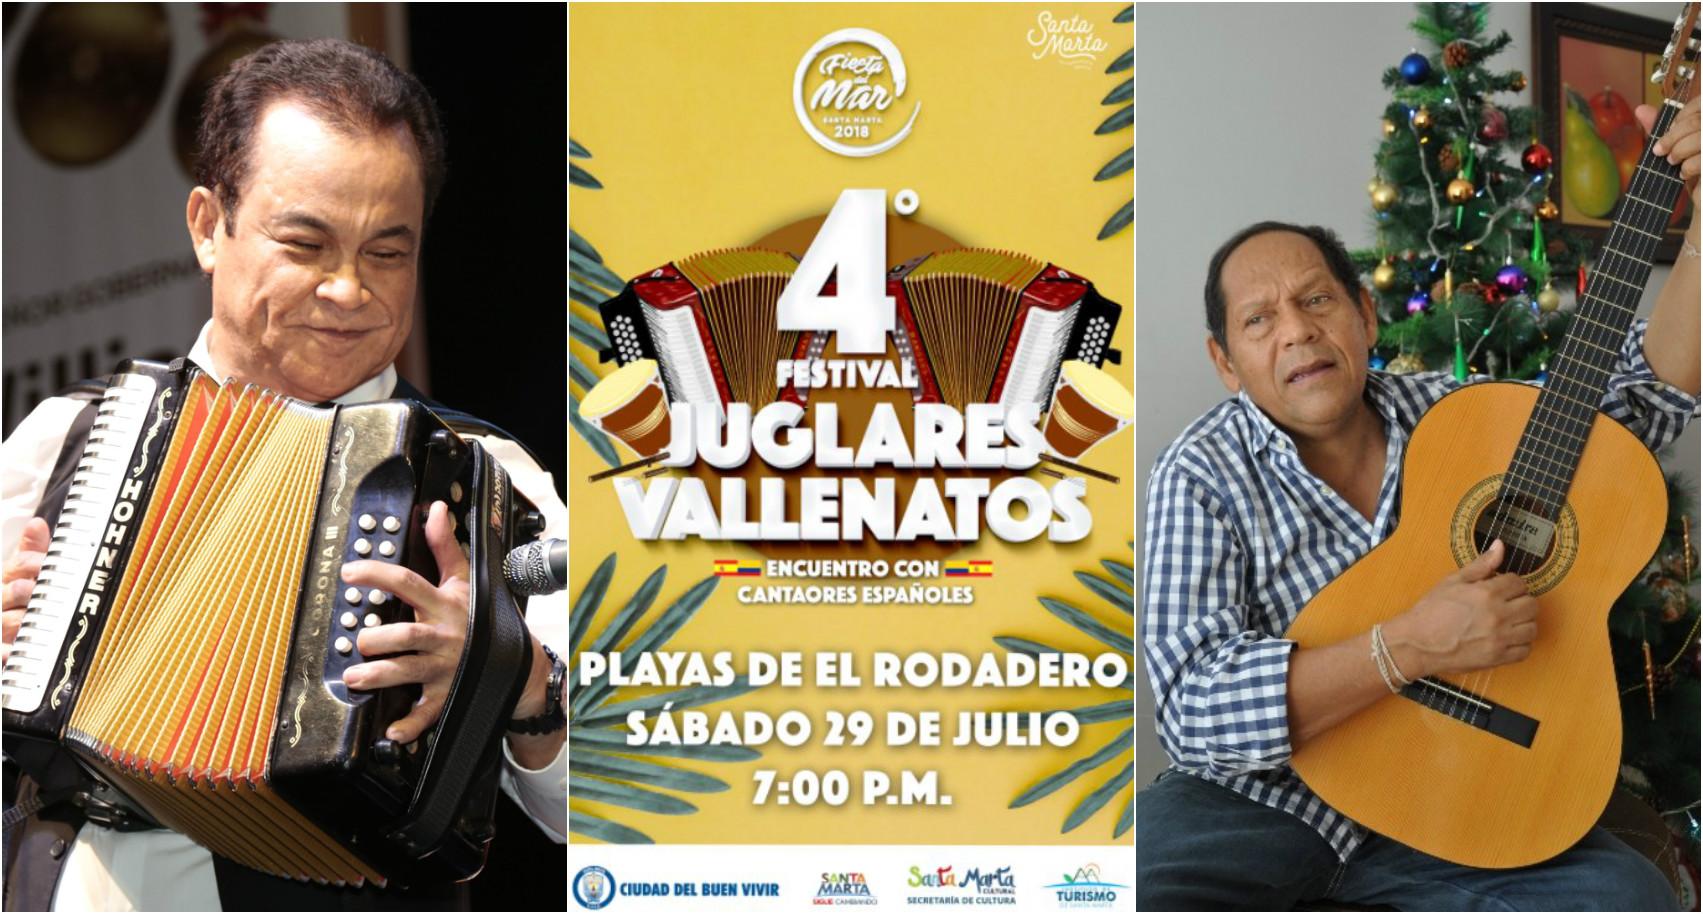 Alfredo Gutiérrez, Carlos Huertas y Rosendo Romero estarán en el Festival de Juglares Vallenatos